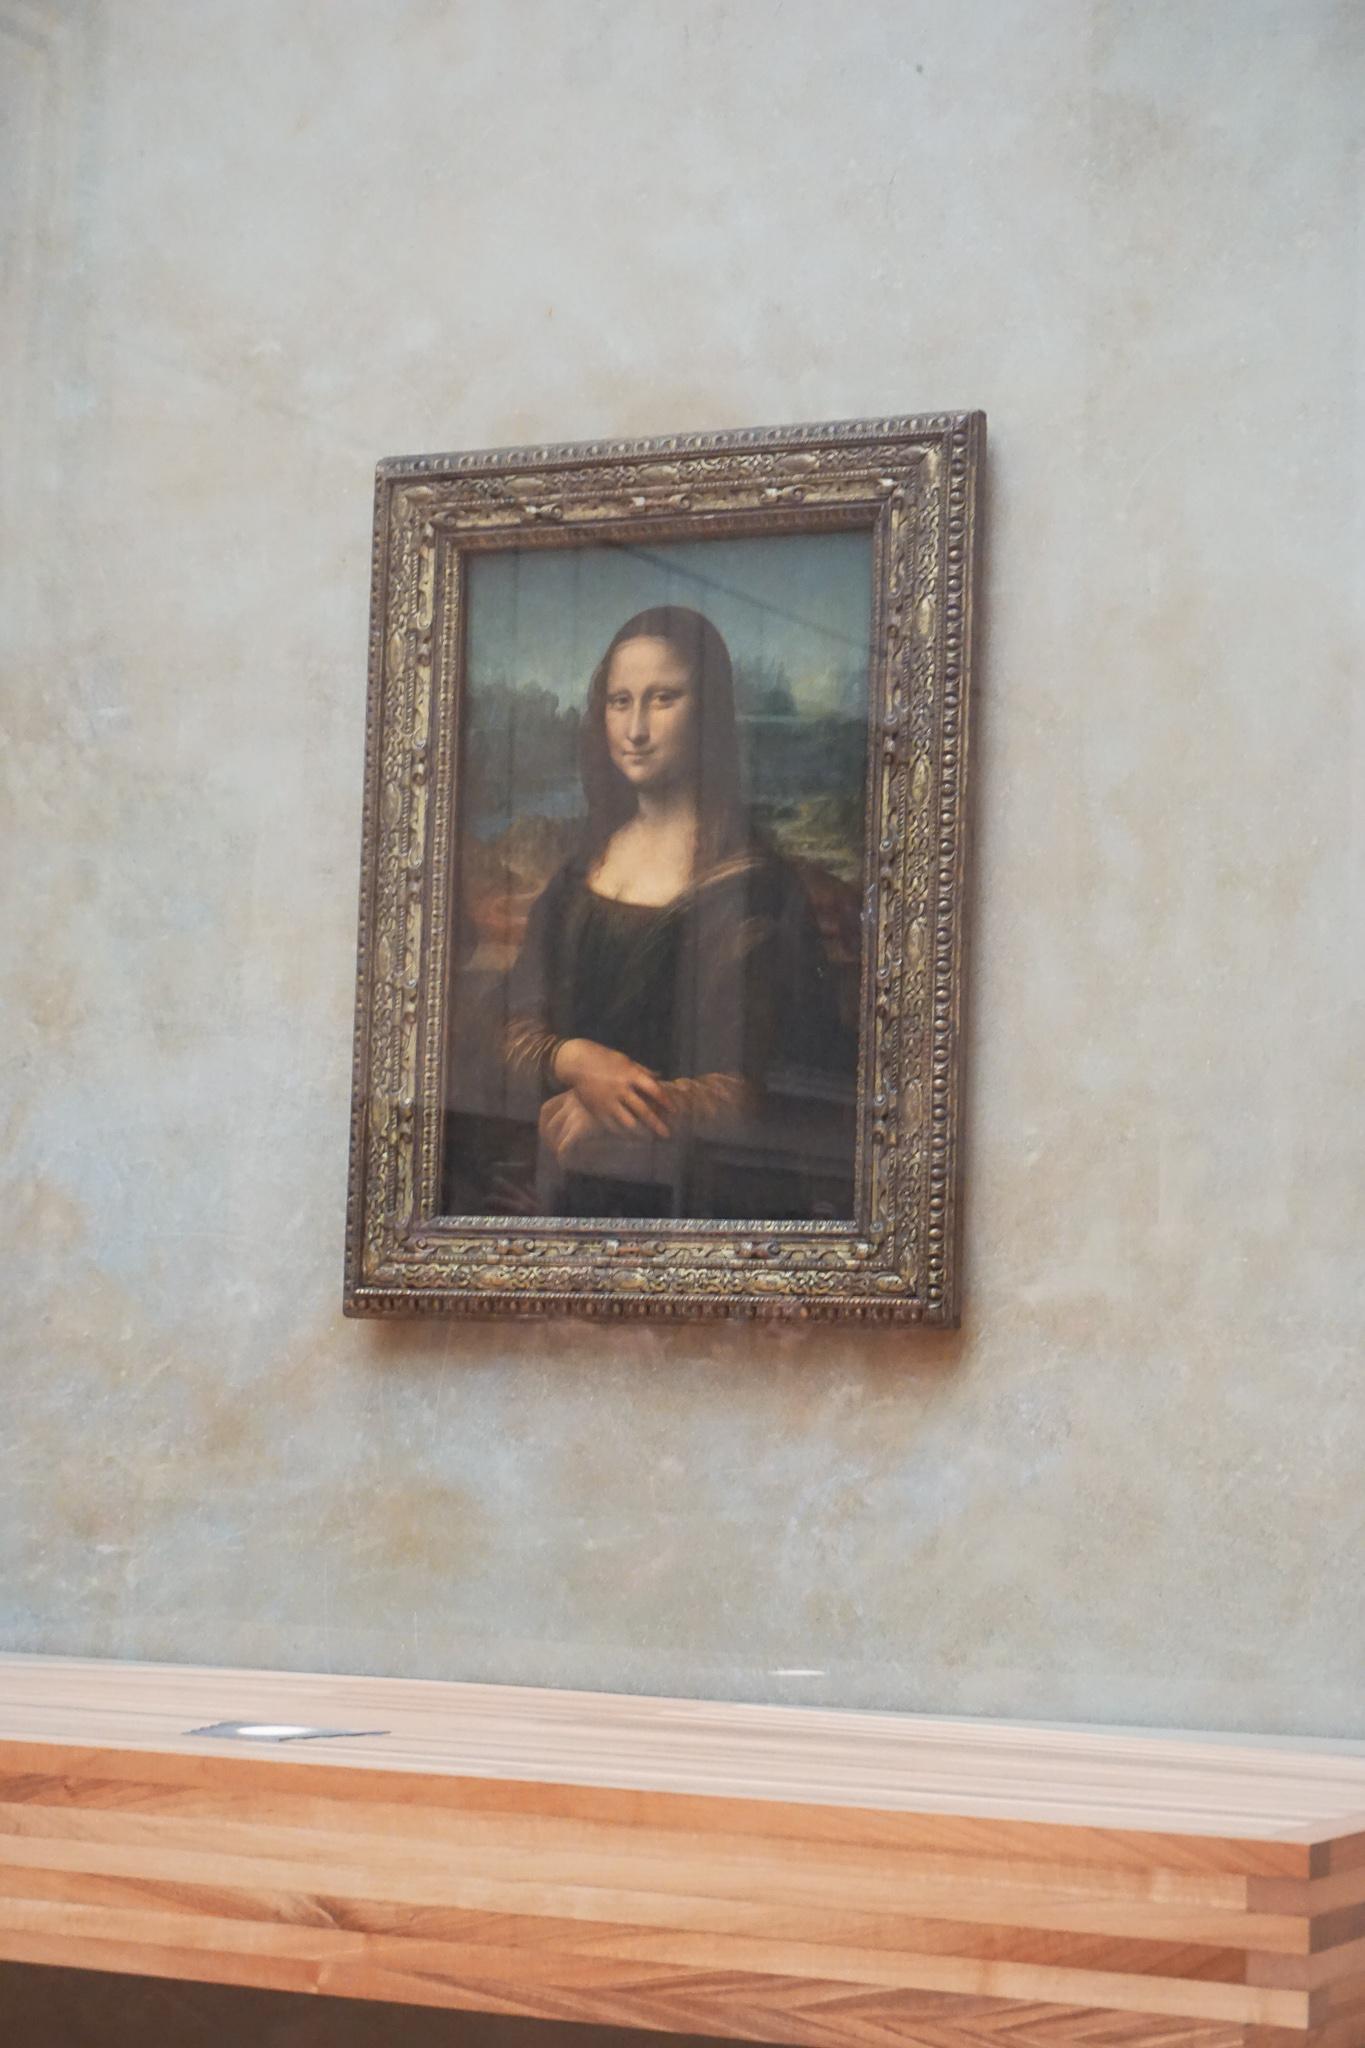 The tiny Mona Lisa